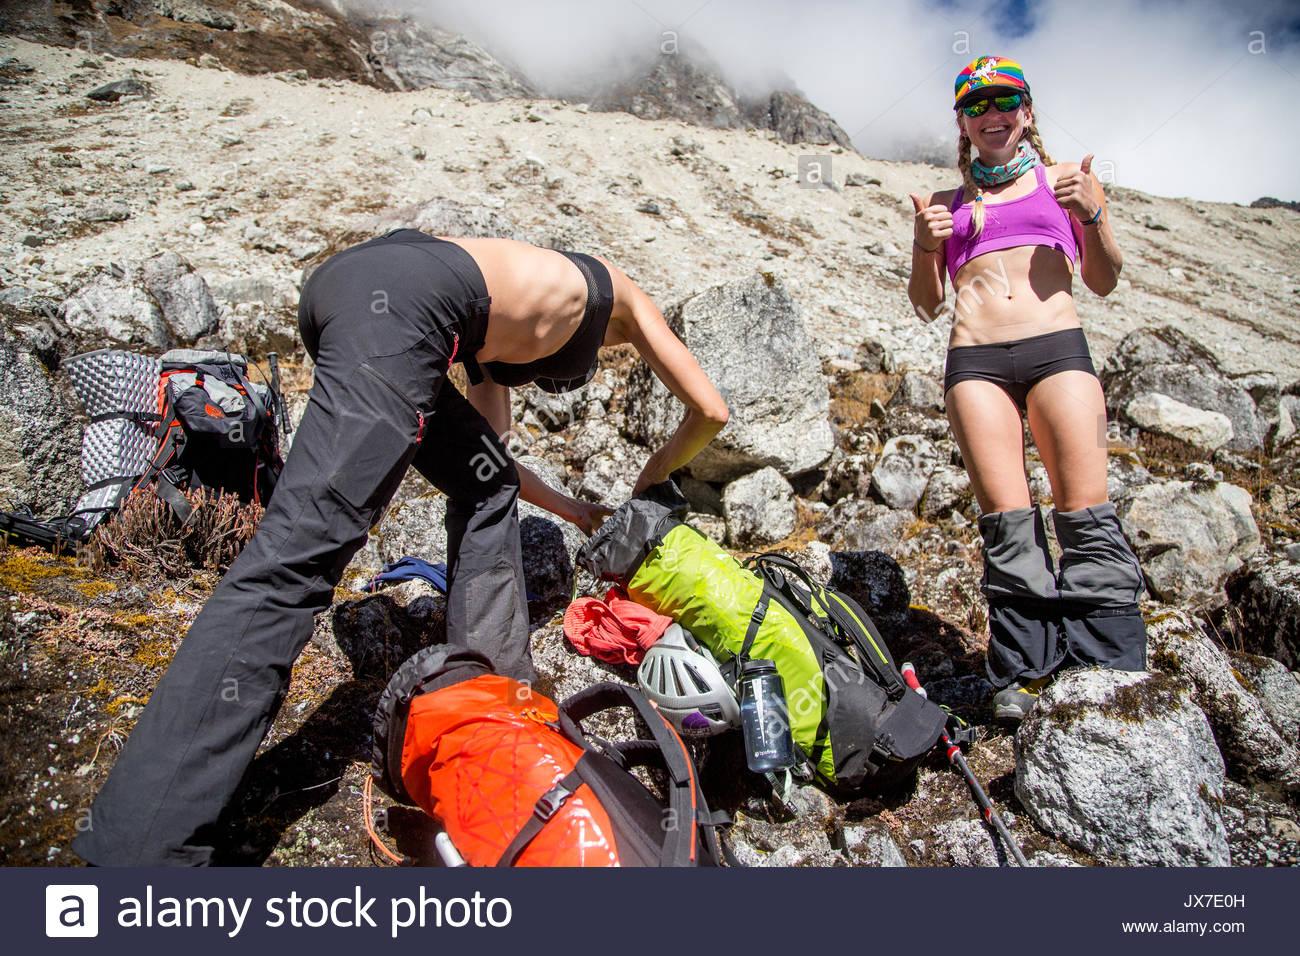 Expeditionsteilnehmer ändern ihre Kleider und Verpackung. Stockbild